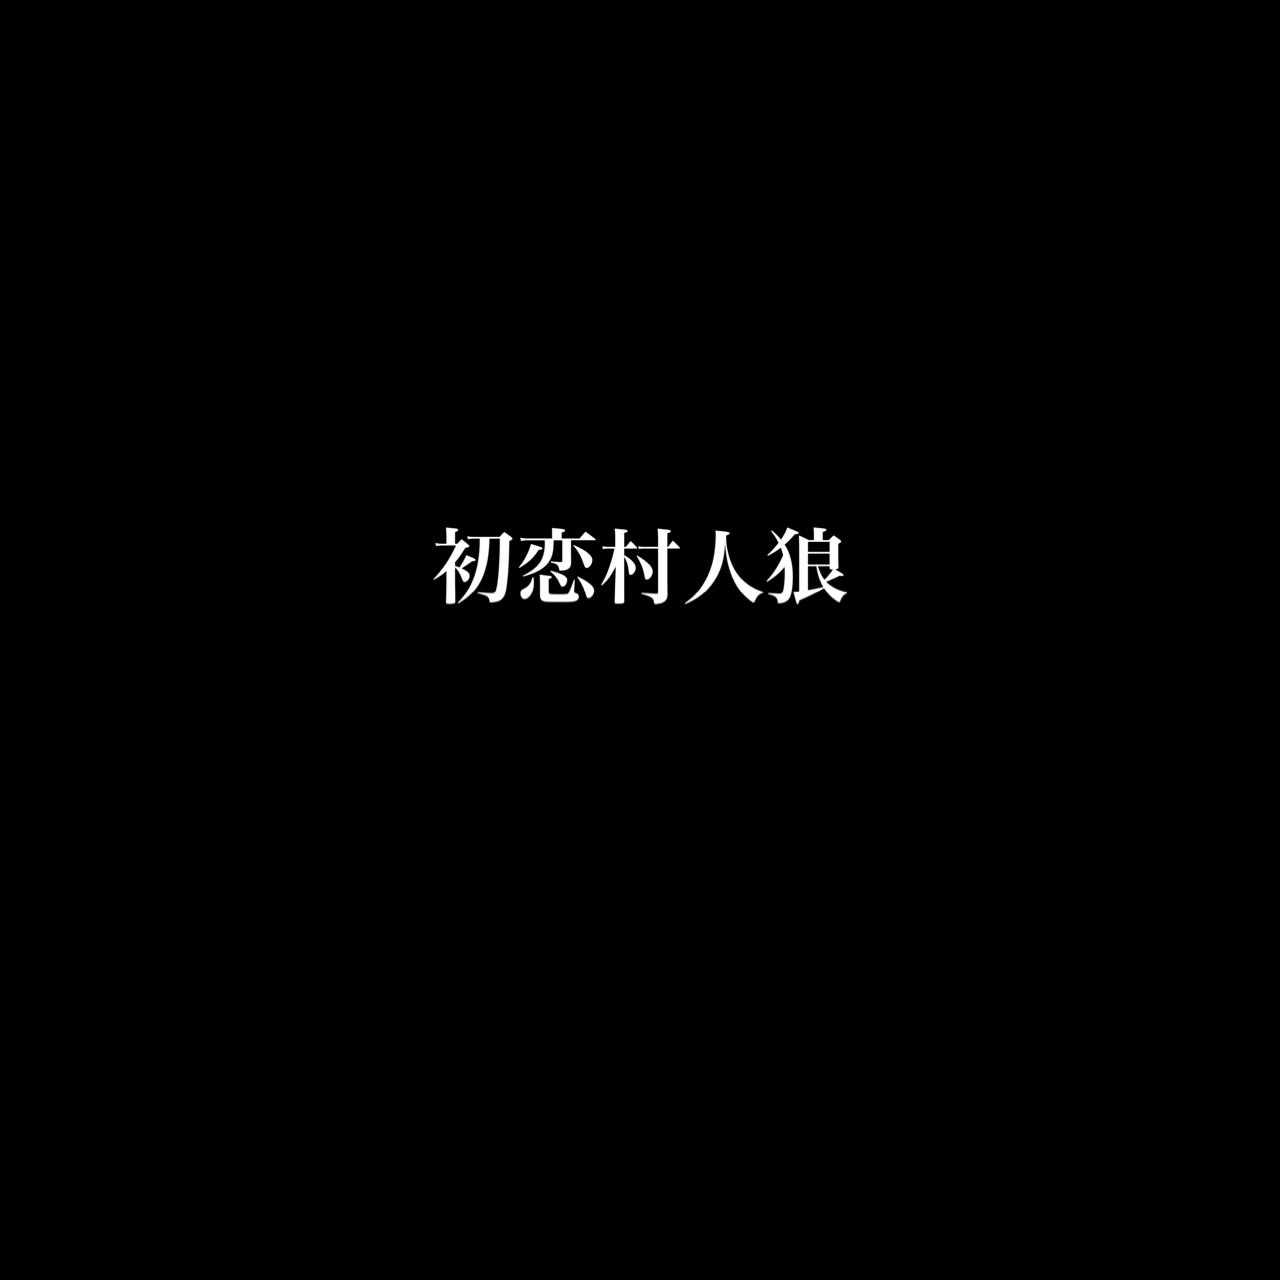 初恋村人狼ゲーム〜誰が人狼かわかるかな〜